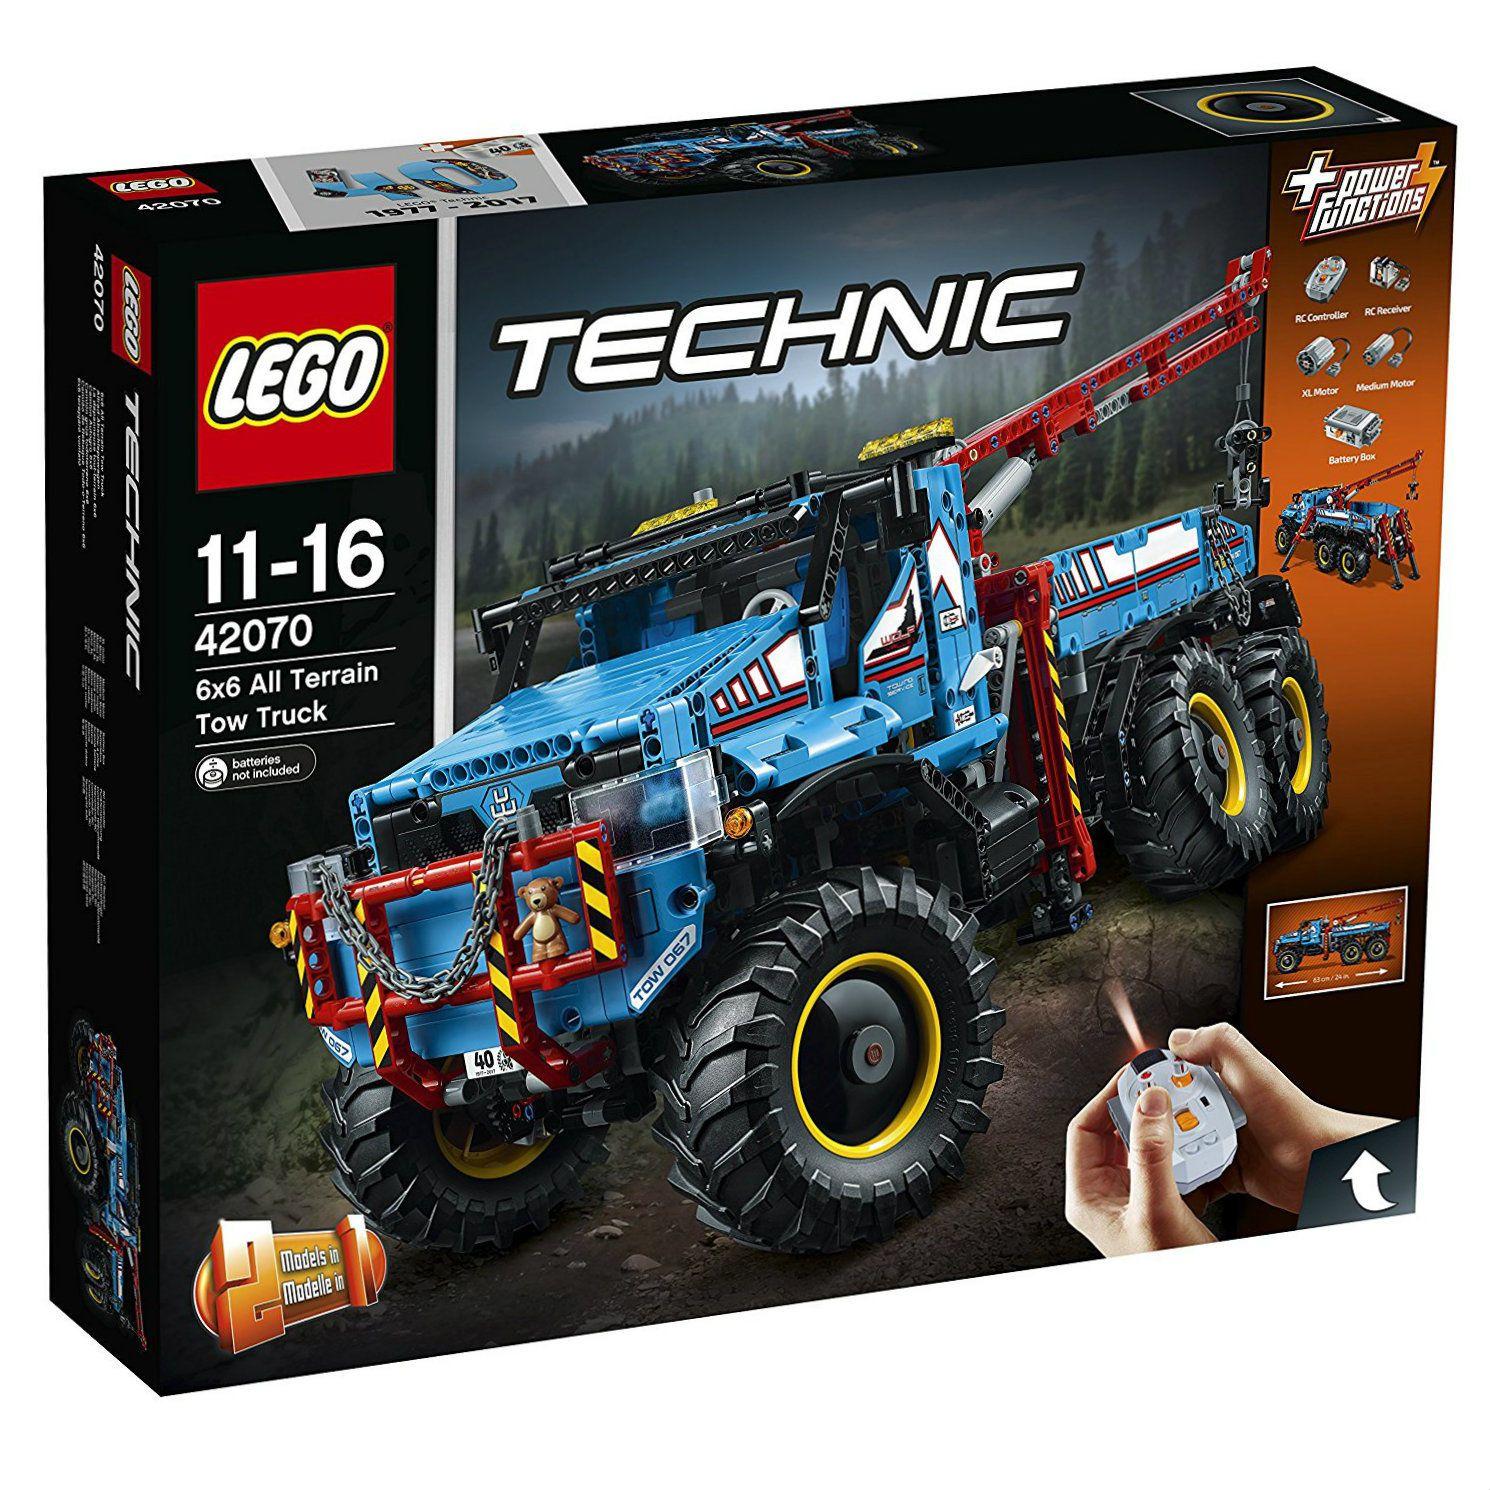 LEGO Technic All Terrain 6 x 6 Tow Truck Remote Control